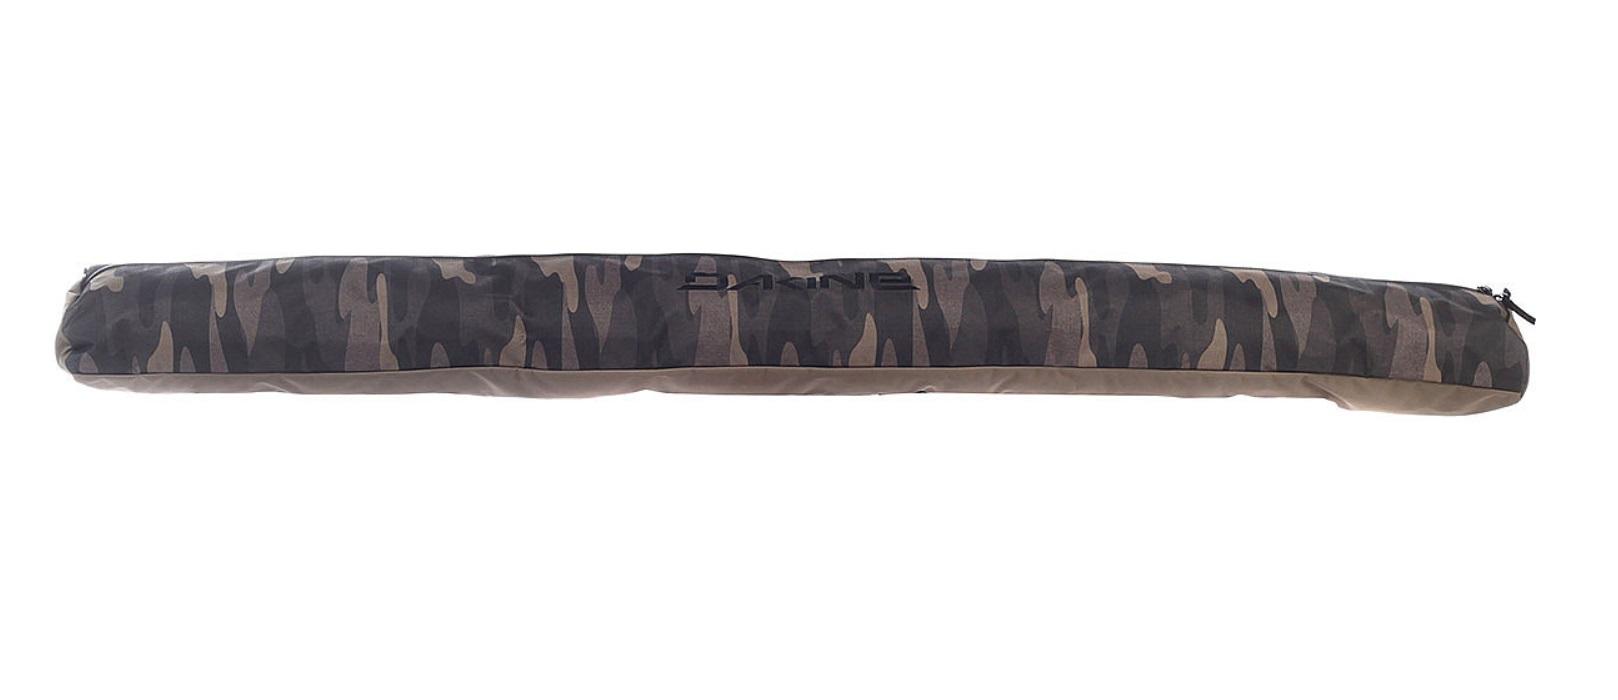 Чехол для горных лыж Dakine Ski Sleeve Single, field camo, 175 см